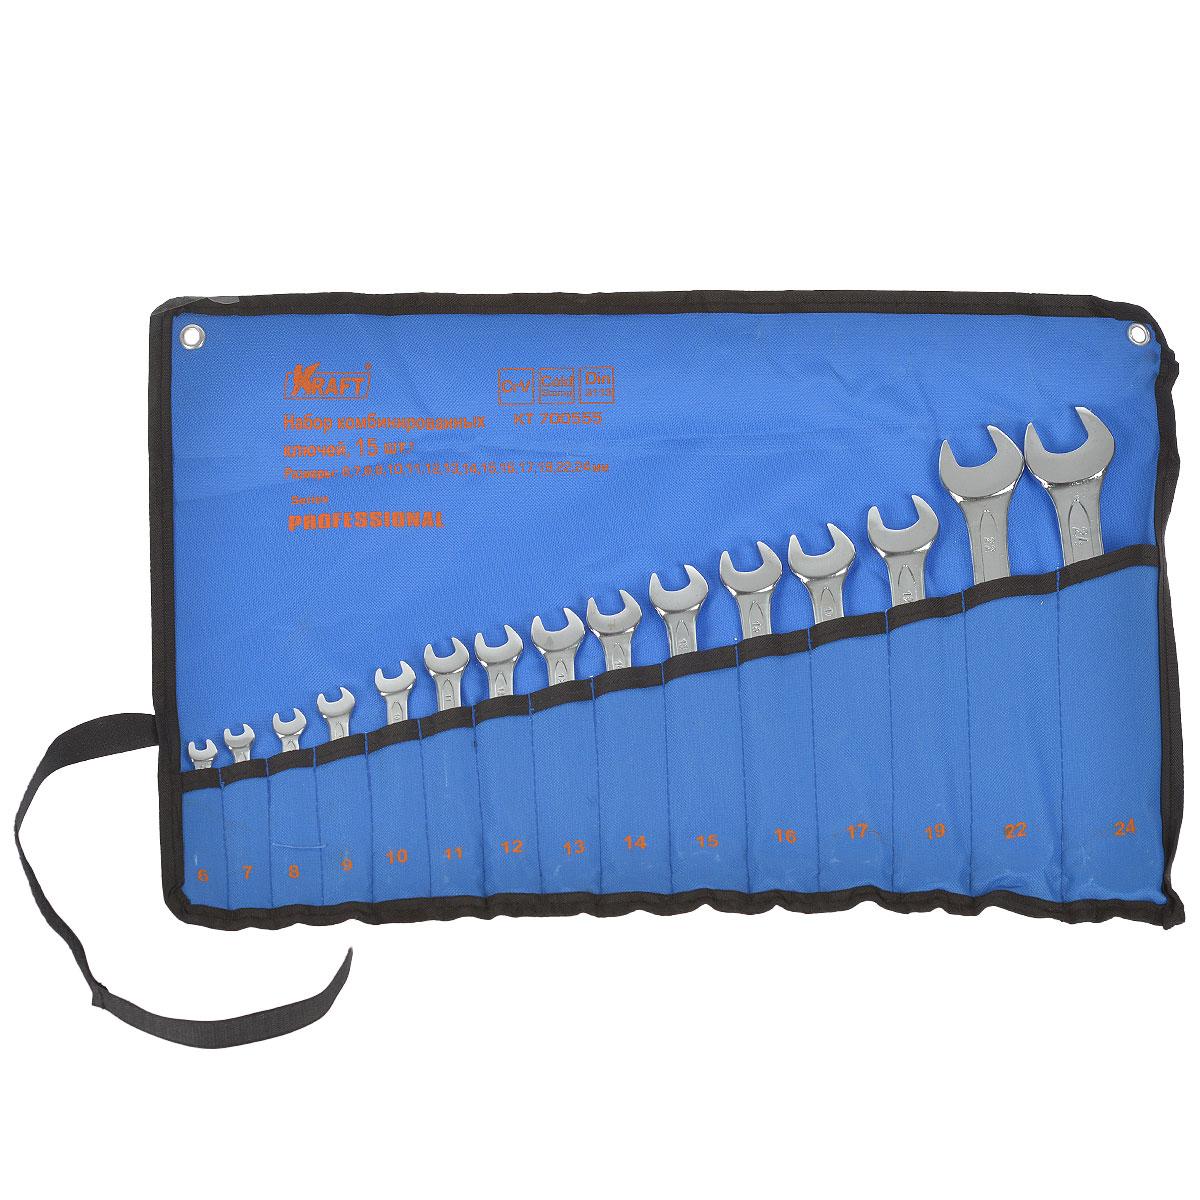 Набор комбинированных гаечных ключей Kraft Professional, 6 мм - 24 мм, 15 шт ключ гаечный комбинированный kraft кт 700553 6 20 мм